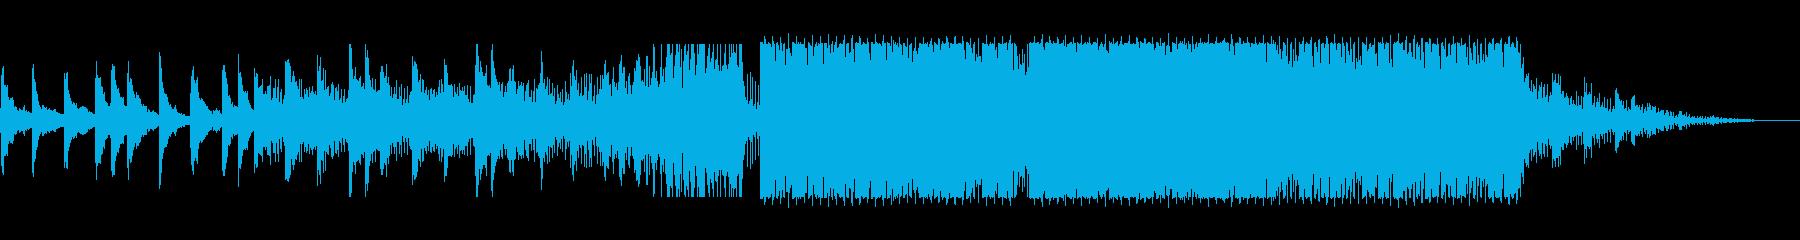 アルペジオが特徴的なドラムンベースの再生済みの波形